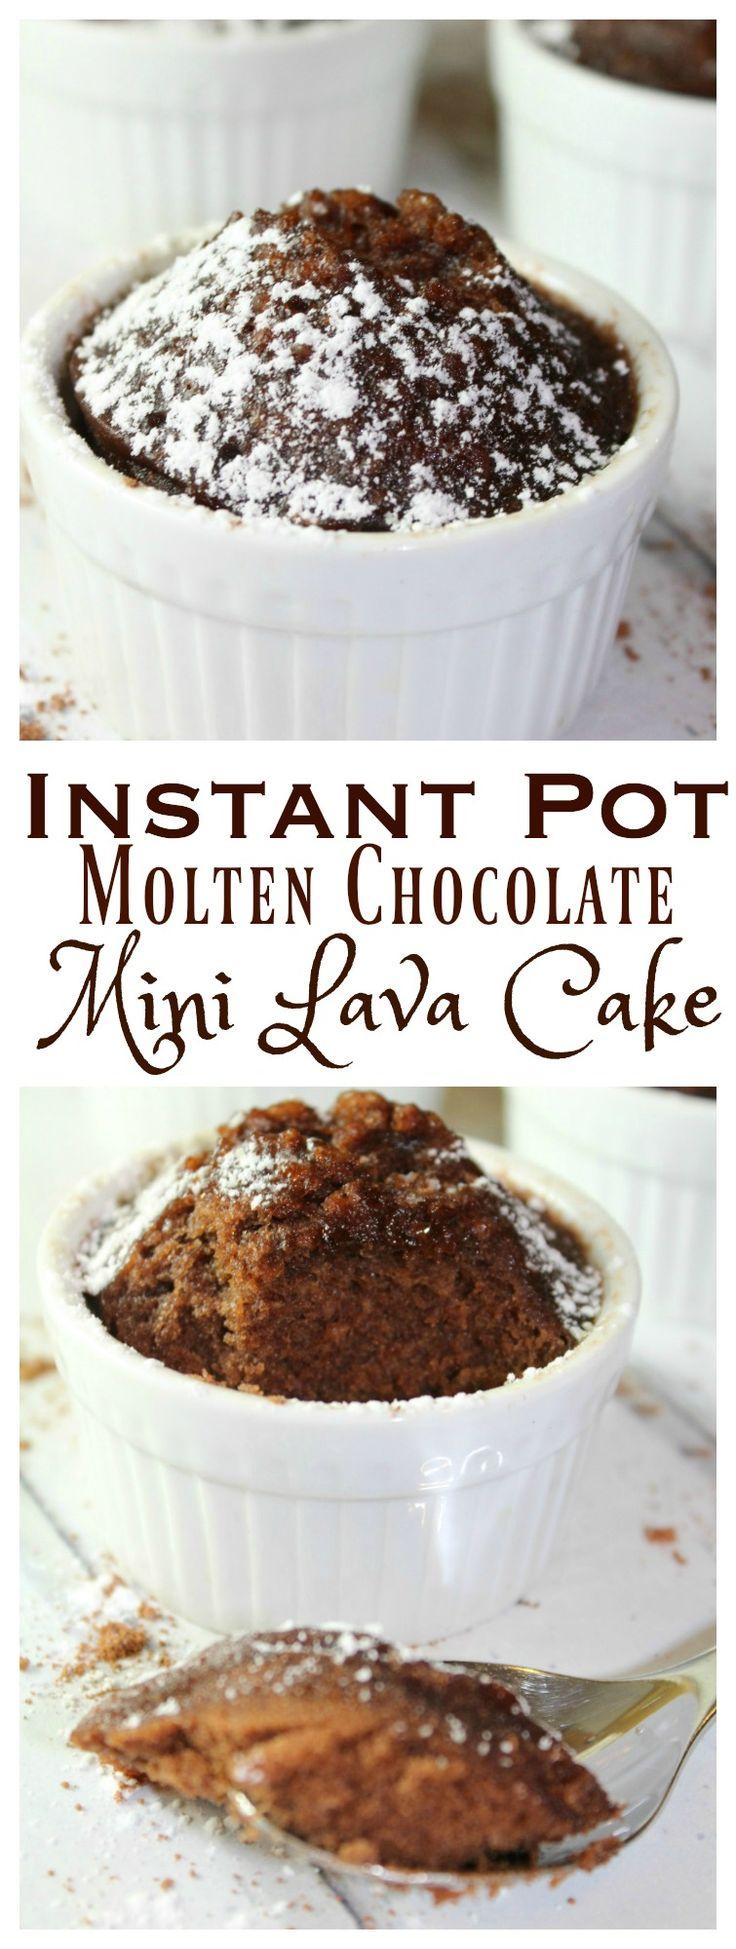 Molten Chocolate Mini Lava Cake